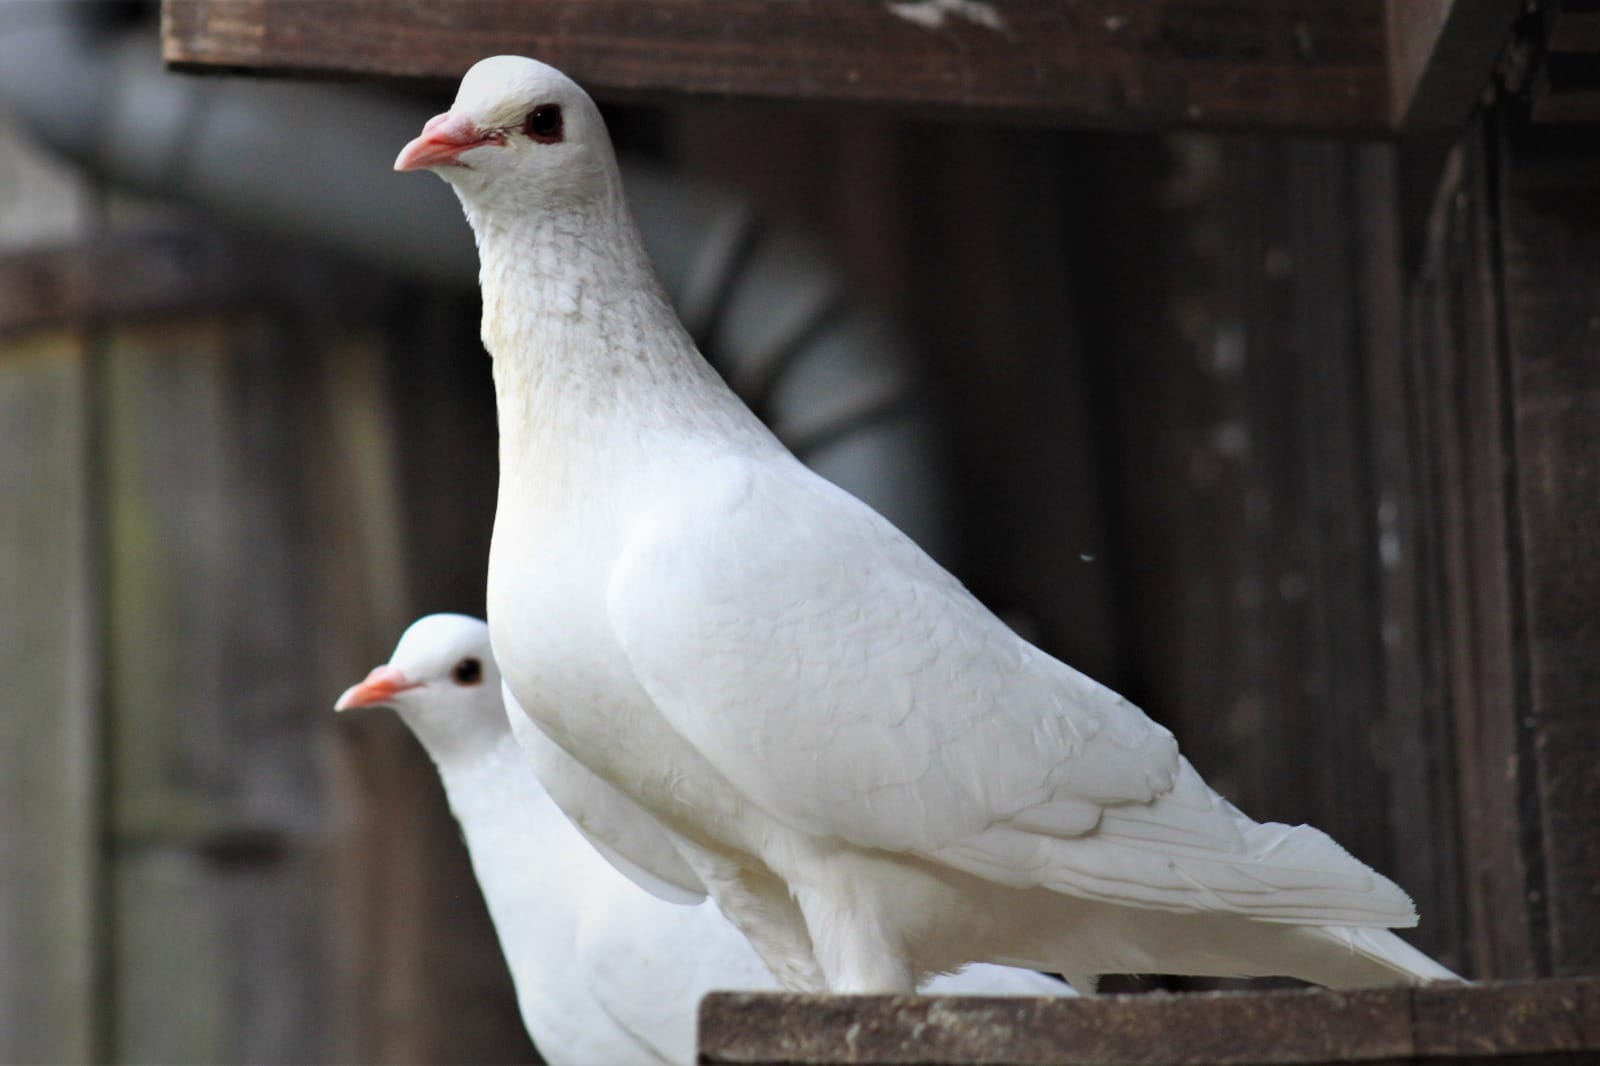 Kleinanzeigen Tauben Gemischt Kaufen Verkaufen Haustier